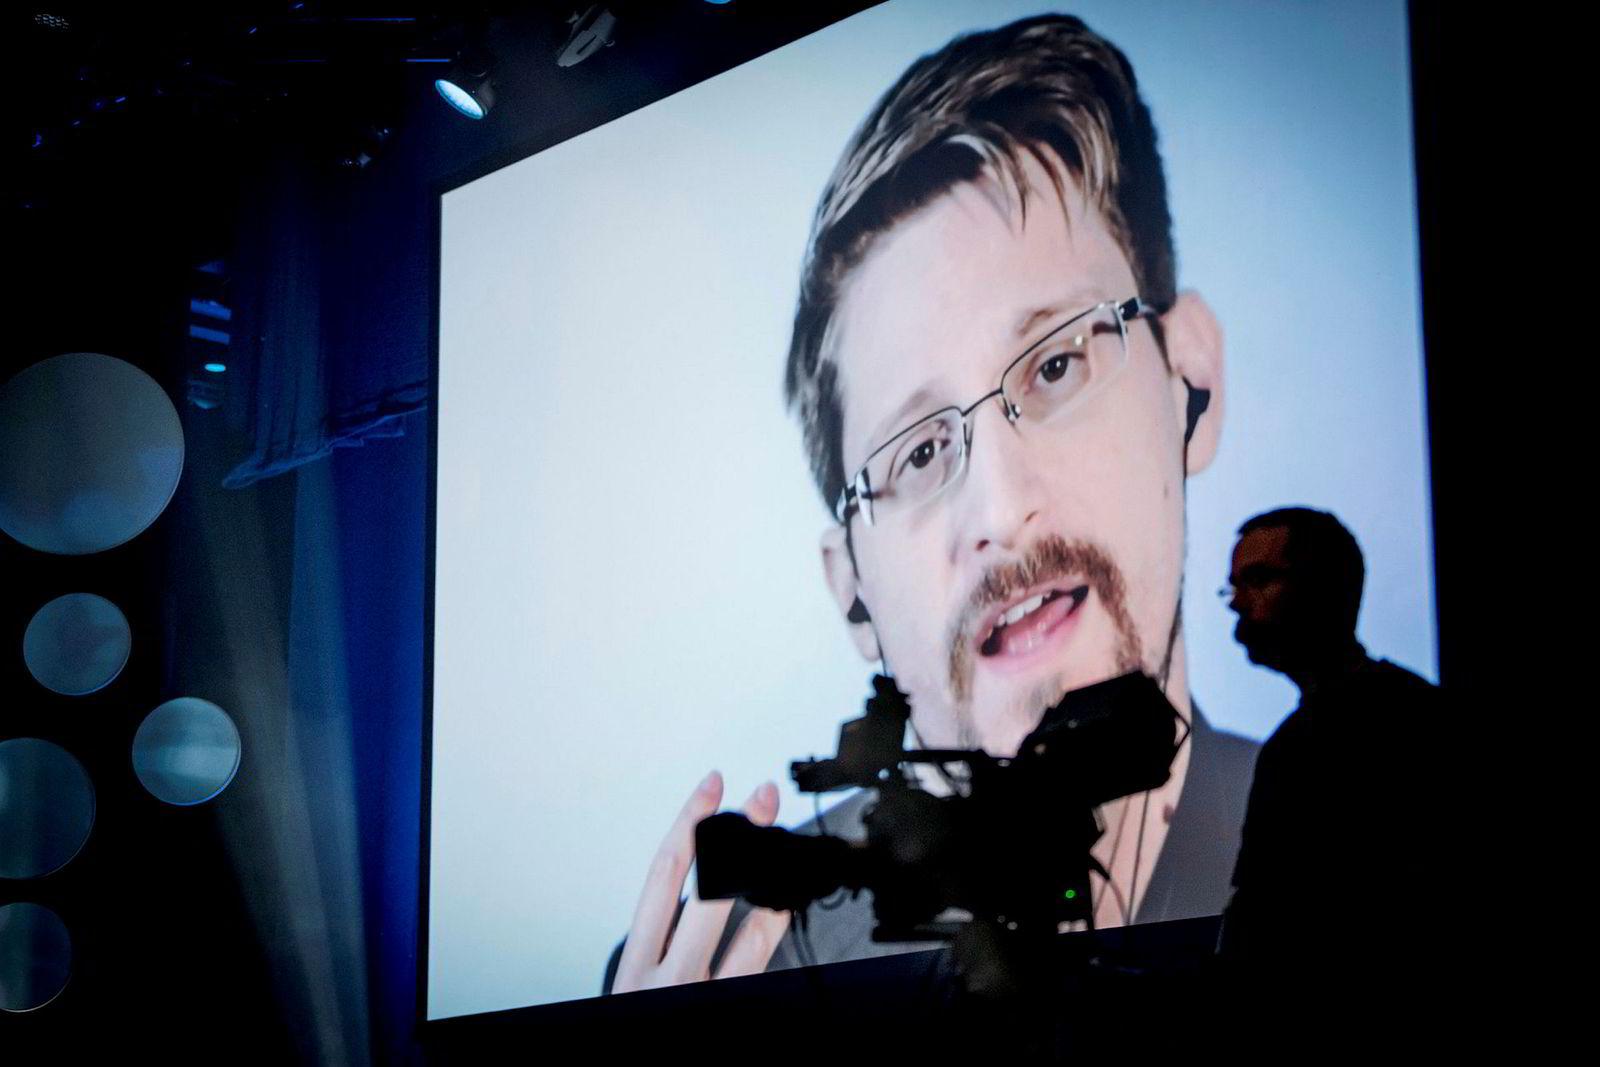 Gjennom videolink fra Moskva snakket Edward Snowden under vitenskapsfestivalen «Big Challenge Science Festival» i Trondheim.